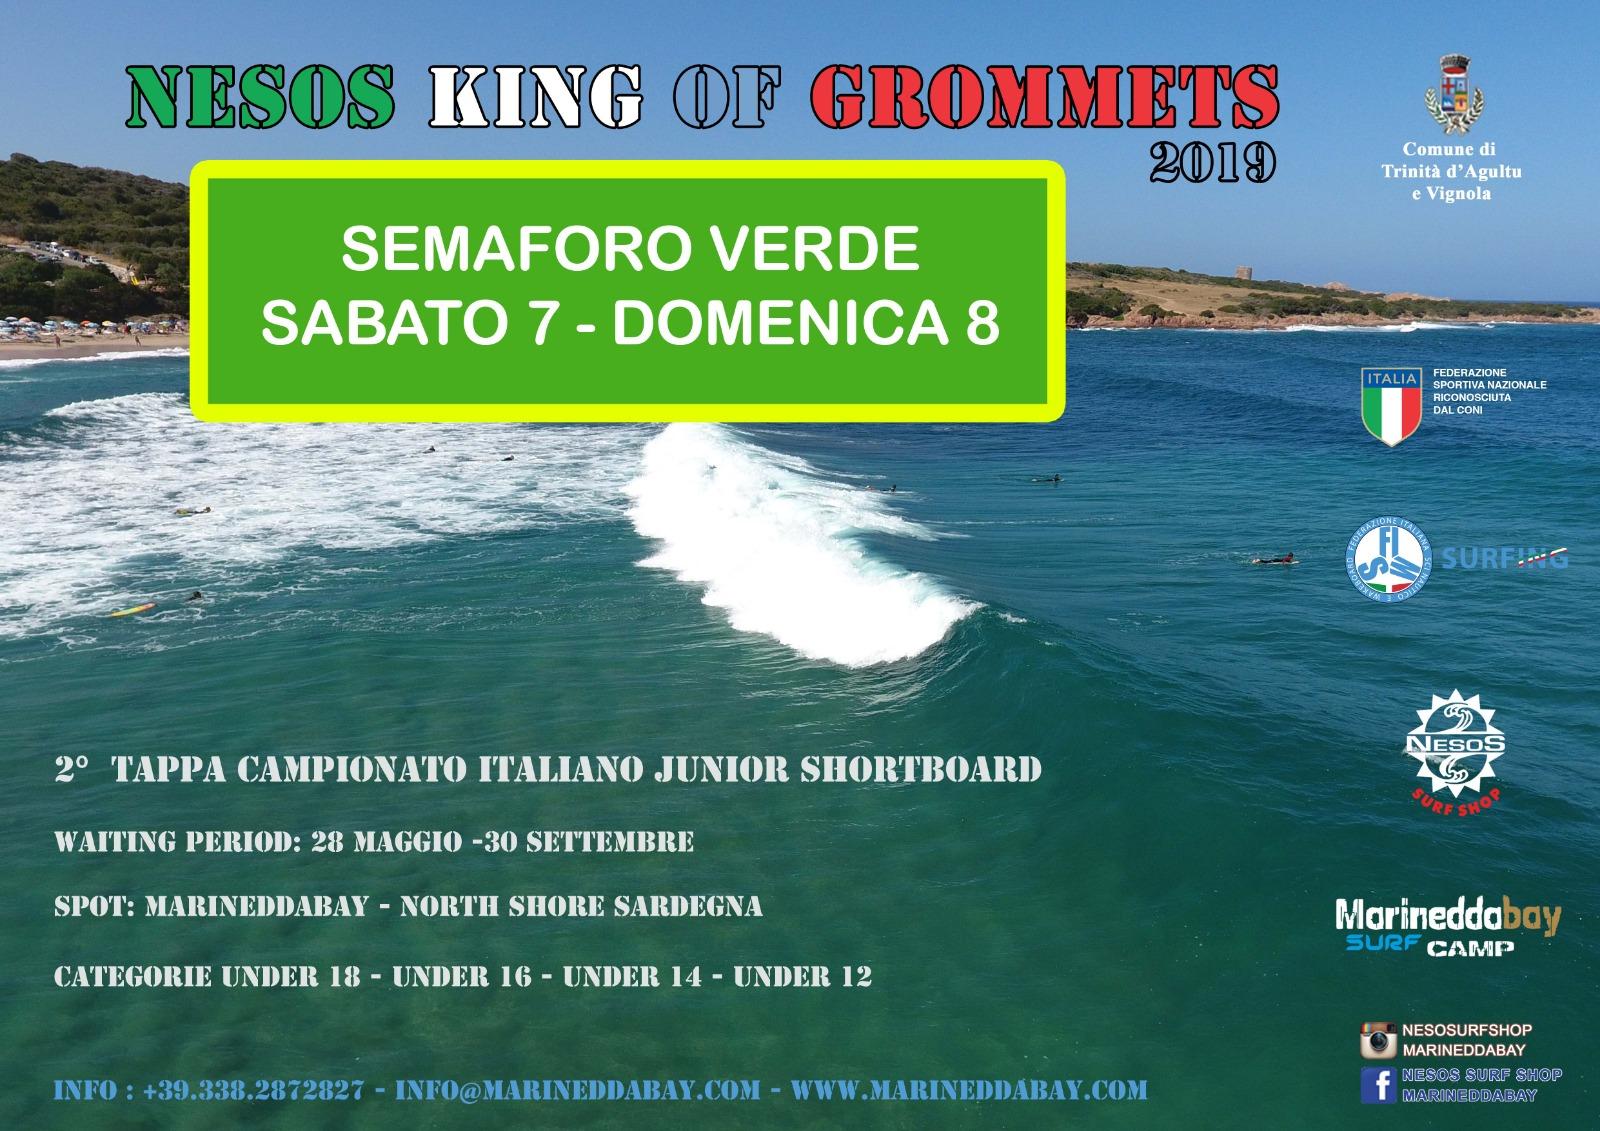 nesos king of grommets